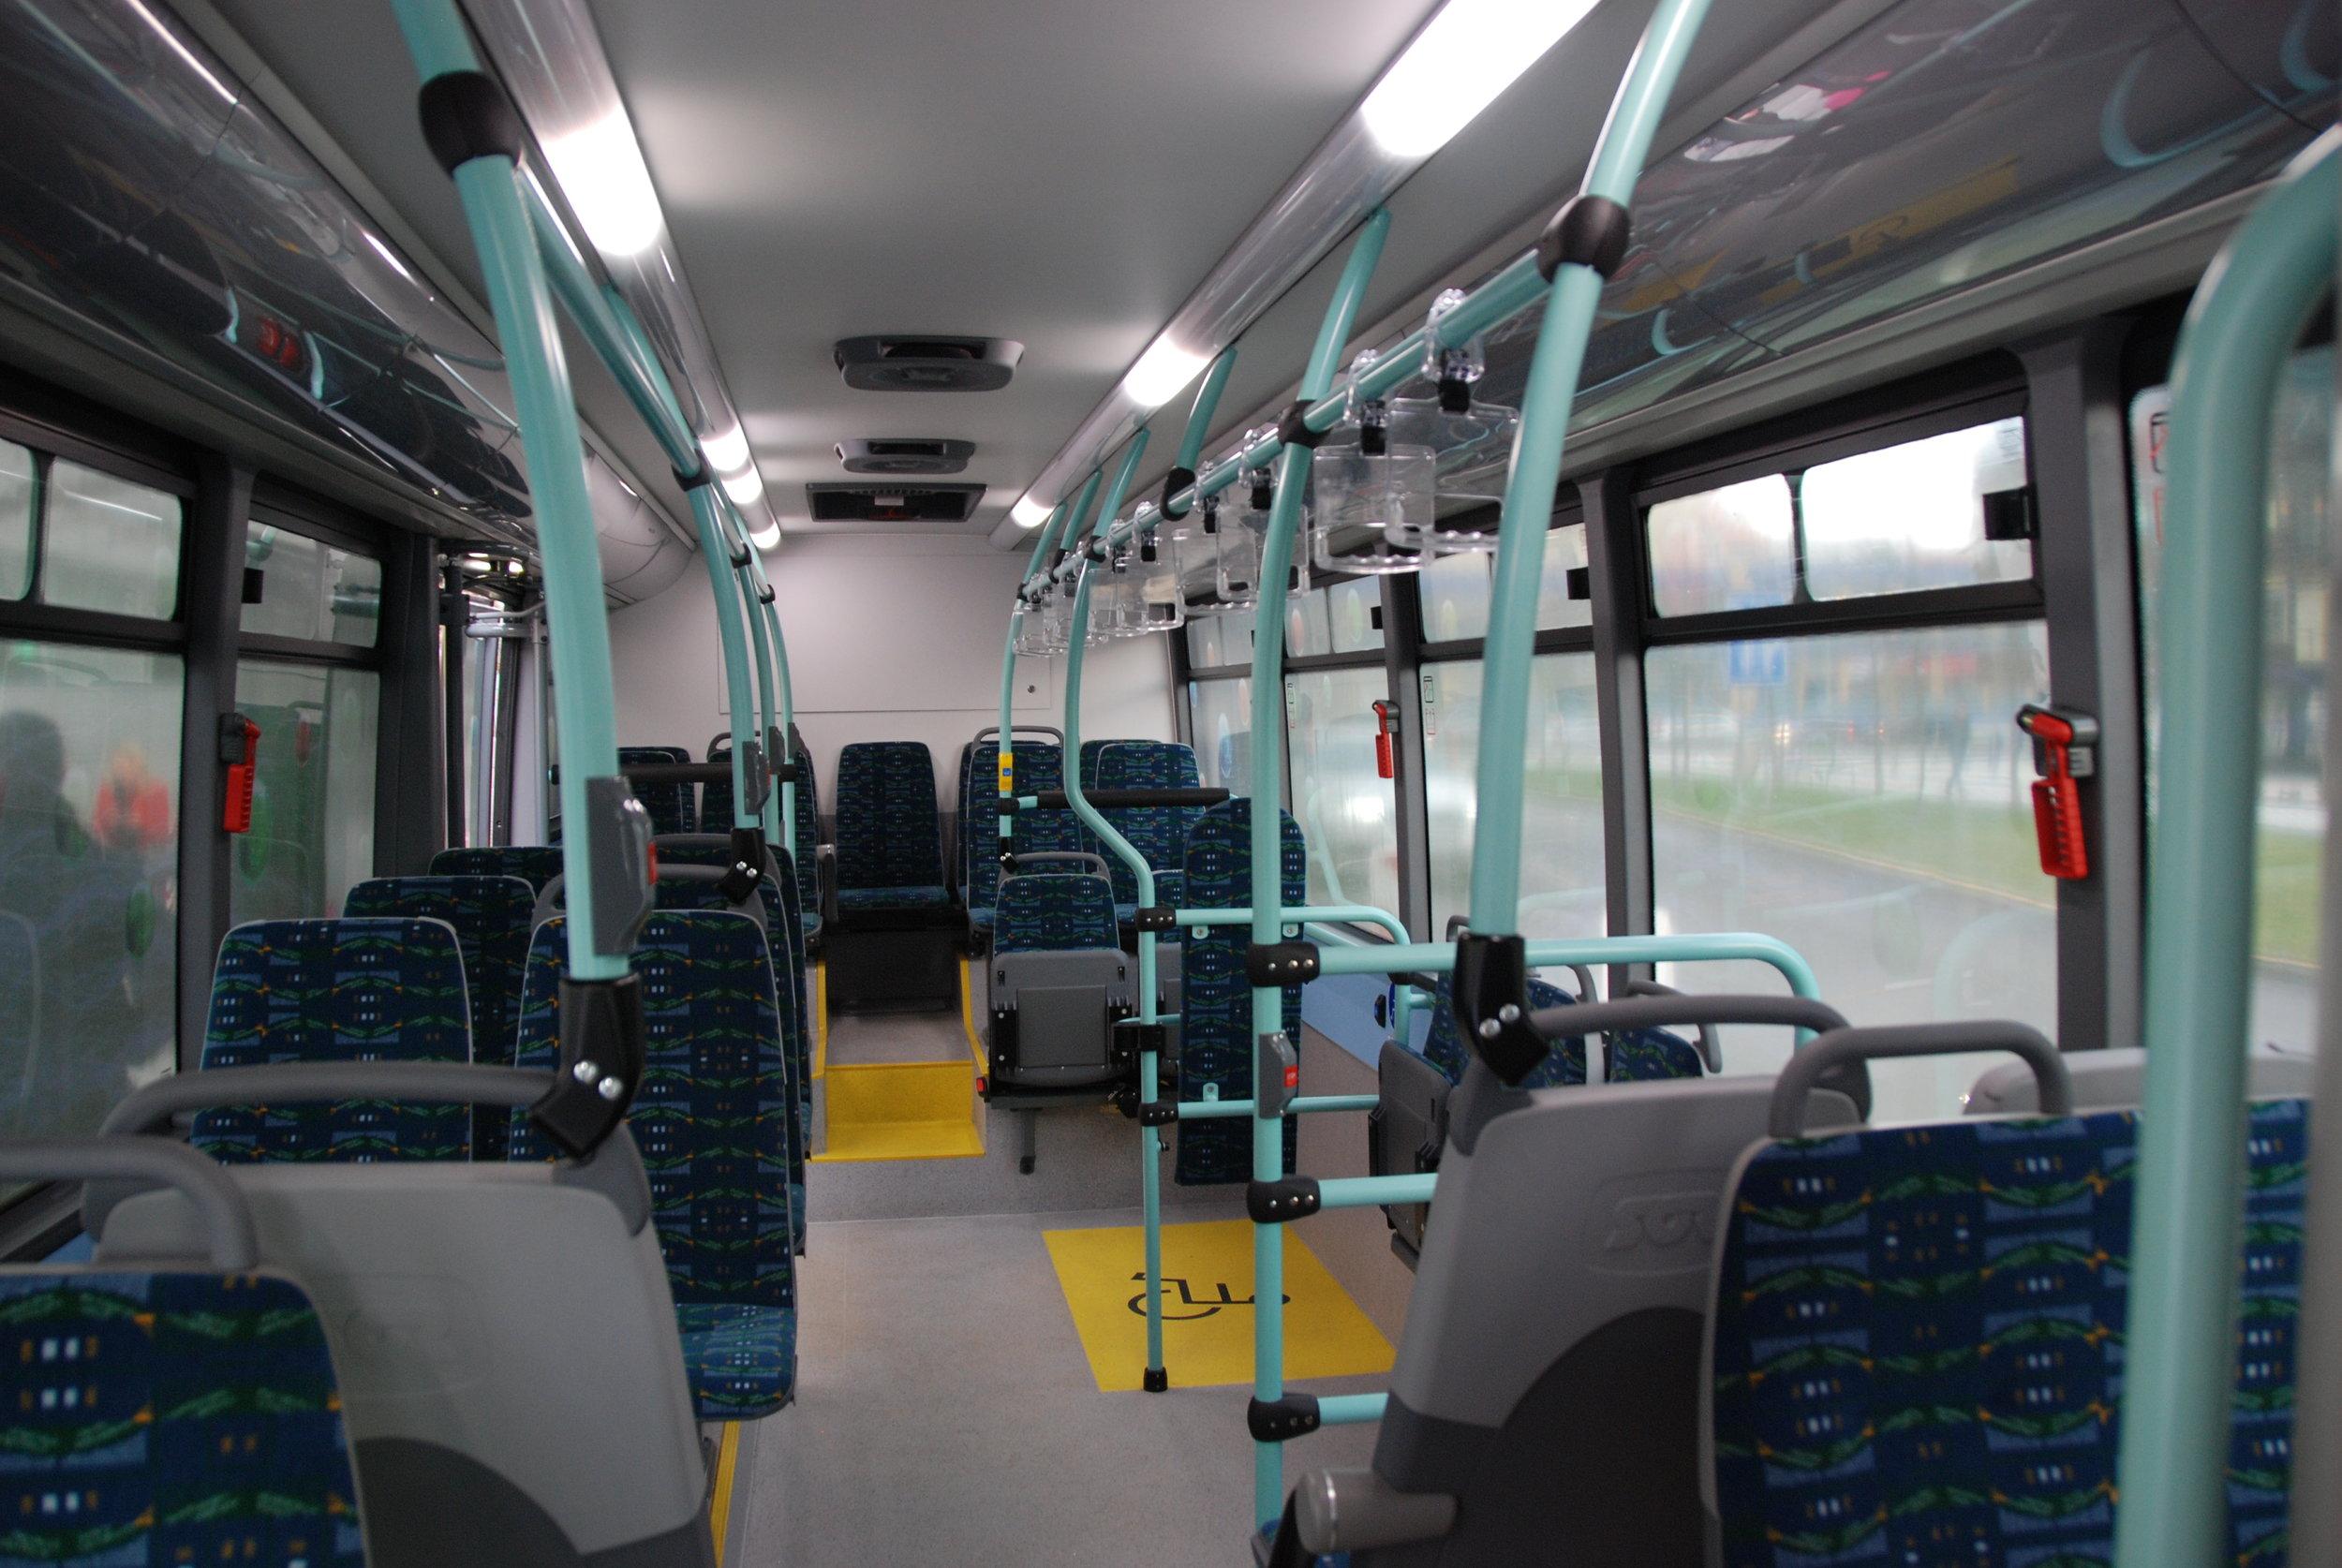 Částečně nízkopodlažní elektrobusy dodal SOR Libchavy. Vozy ovšem nejsou čistě elektrické, topení je naftové. (foto: Libor Hinčica)